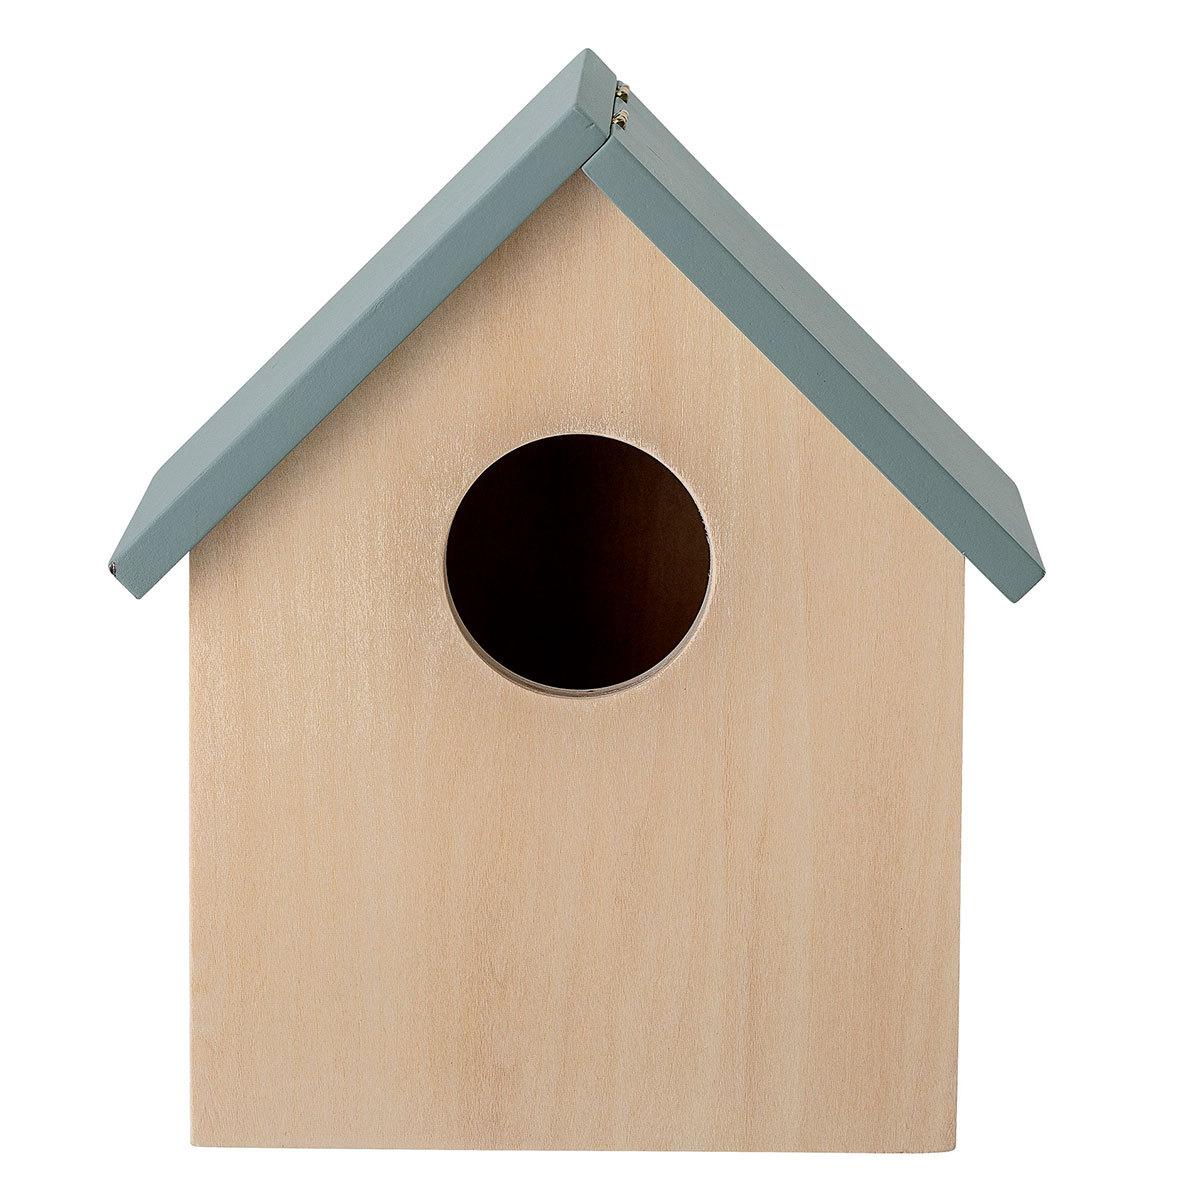 Rangement jouet Boîte de Rangement - Maison à Oiseaux Boîte de Rangement - Maison à Oiseaux